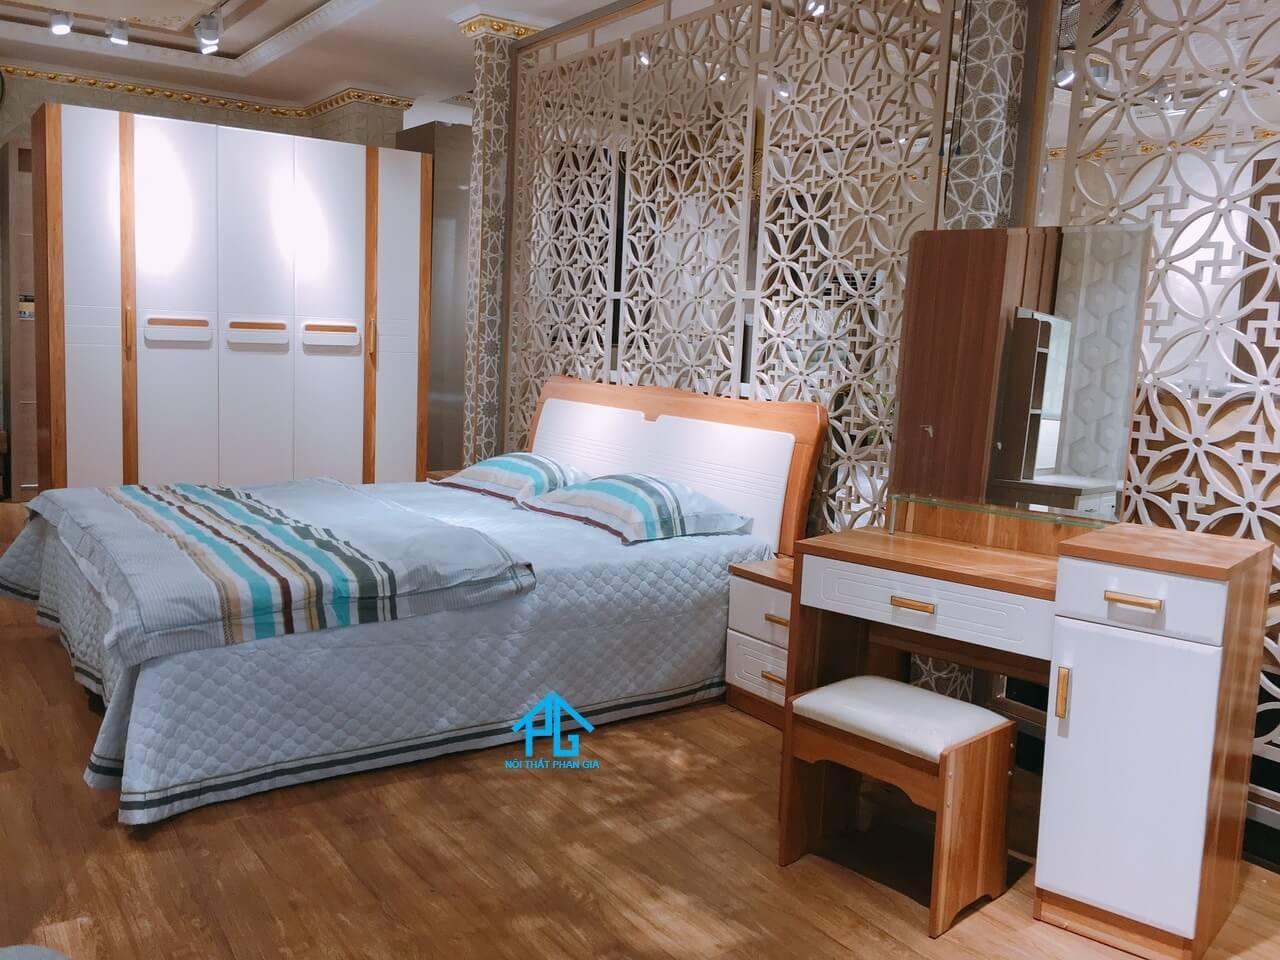 gia phong sản xuất nội thất phòng ngủ chất lượng đà nẵng;